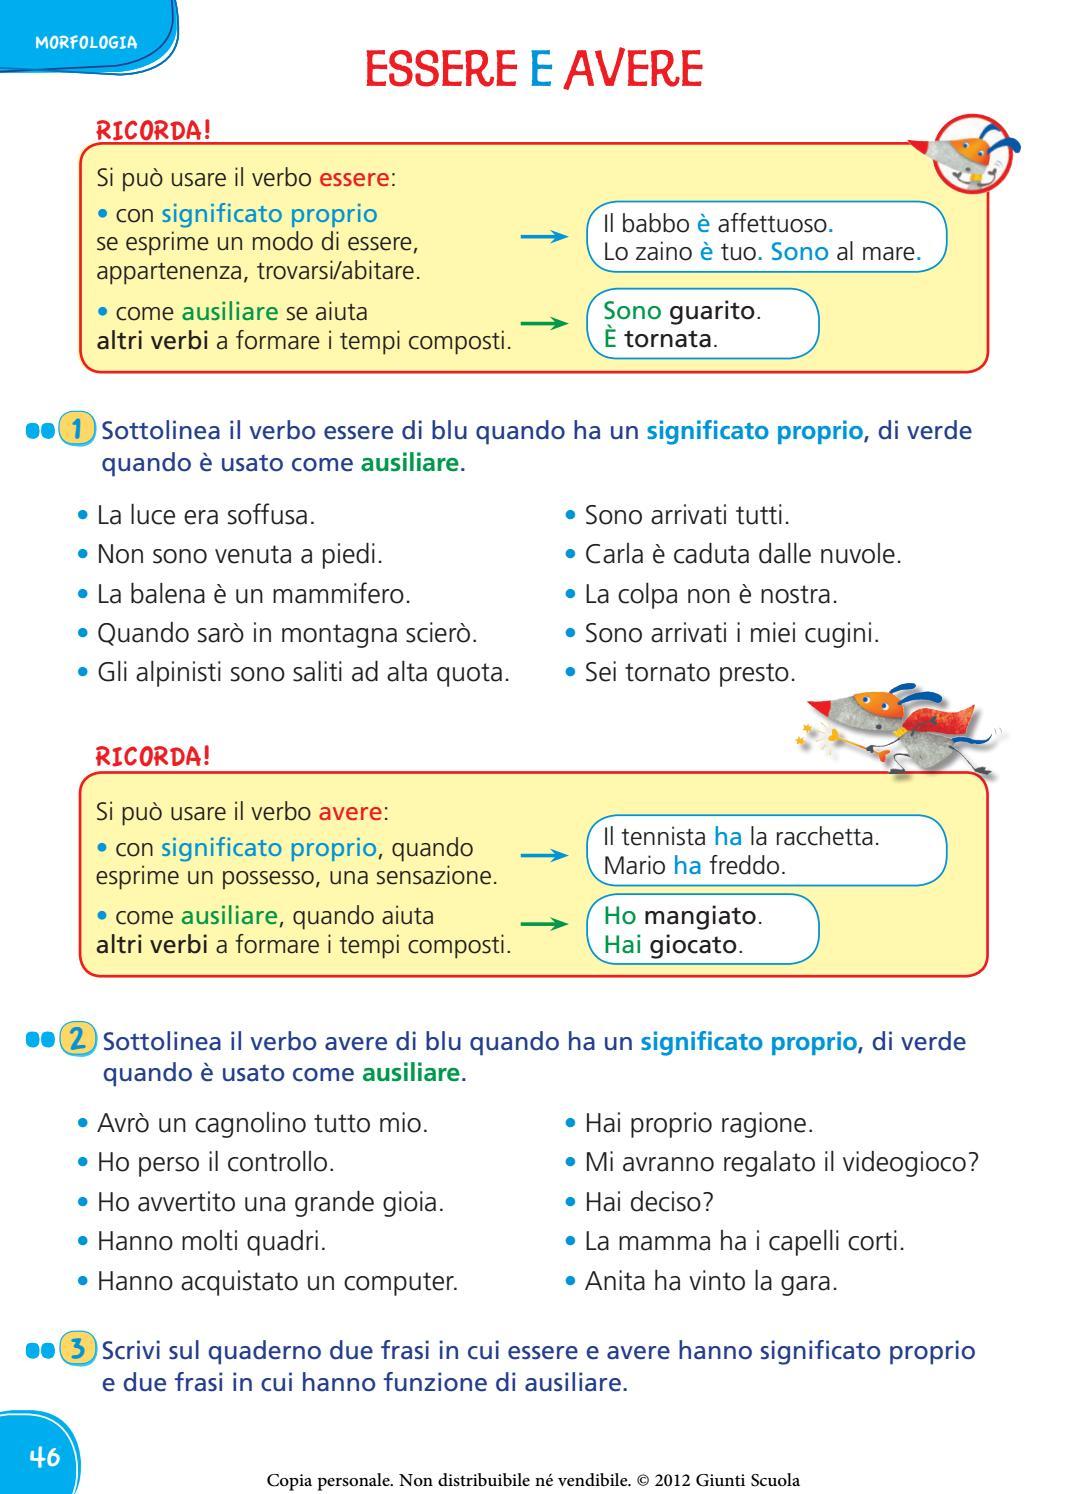 Il Mio Super Quaderno Italiano 3 By Amelie Issuu